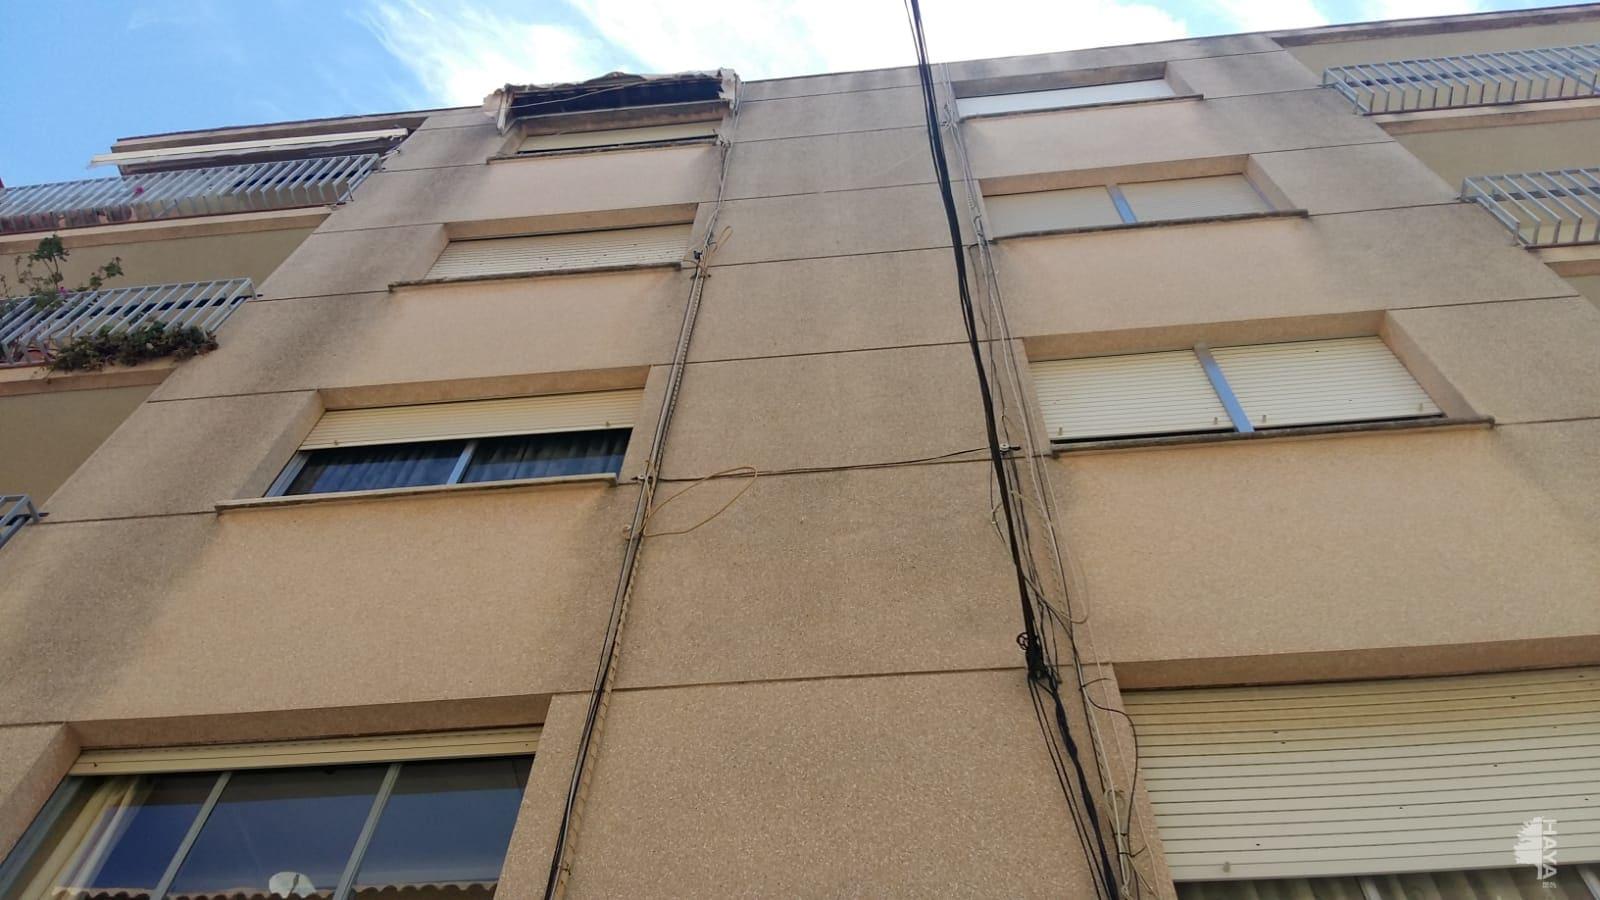 Piso en venta en Benicarló, Castellón, Calle Penyagolosa, 38.250 €, 3 habitaciones, 1 baño, 90 m2